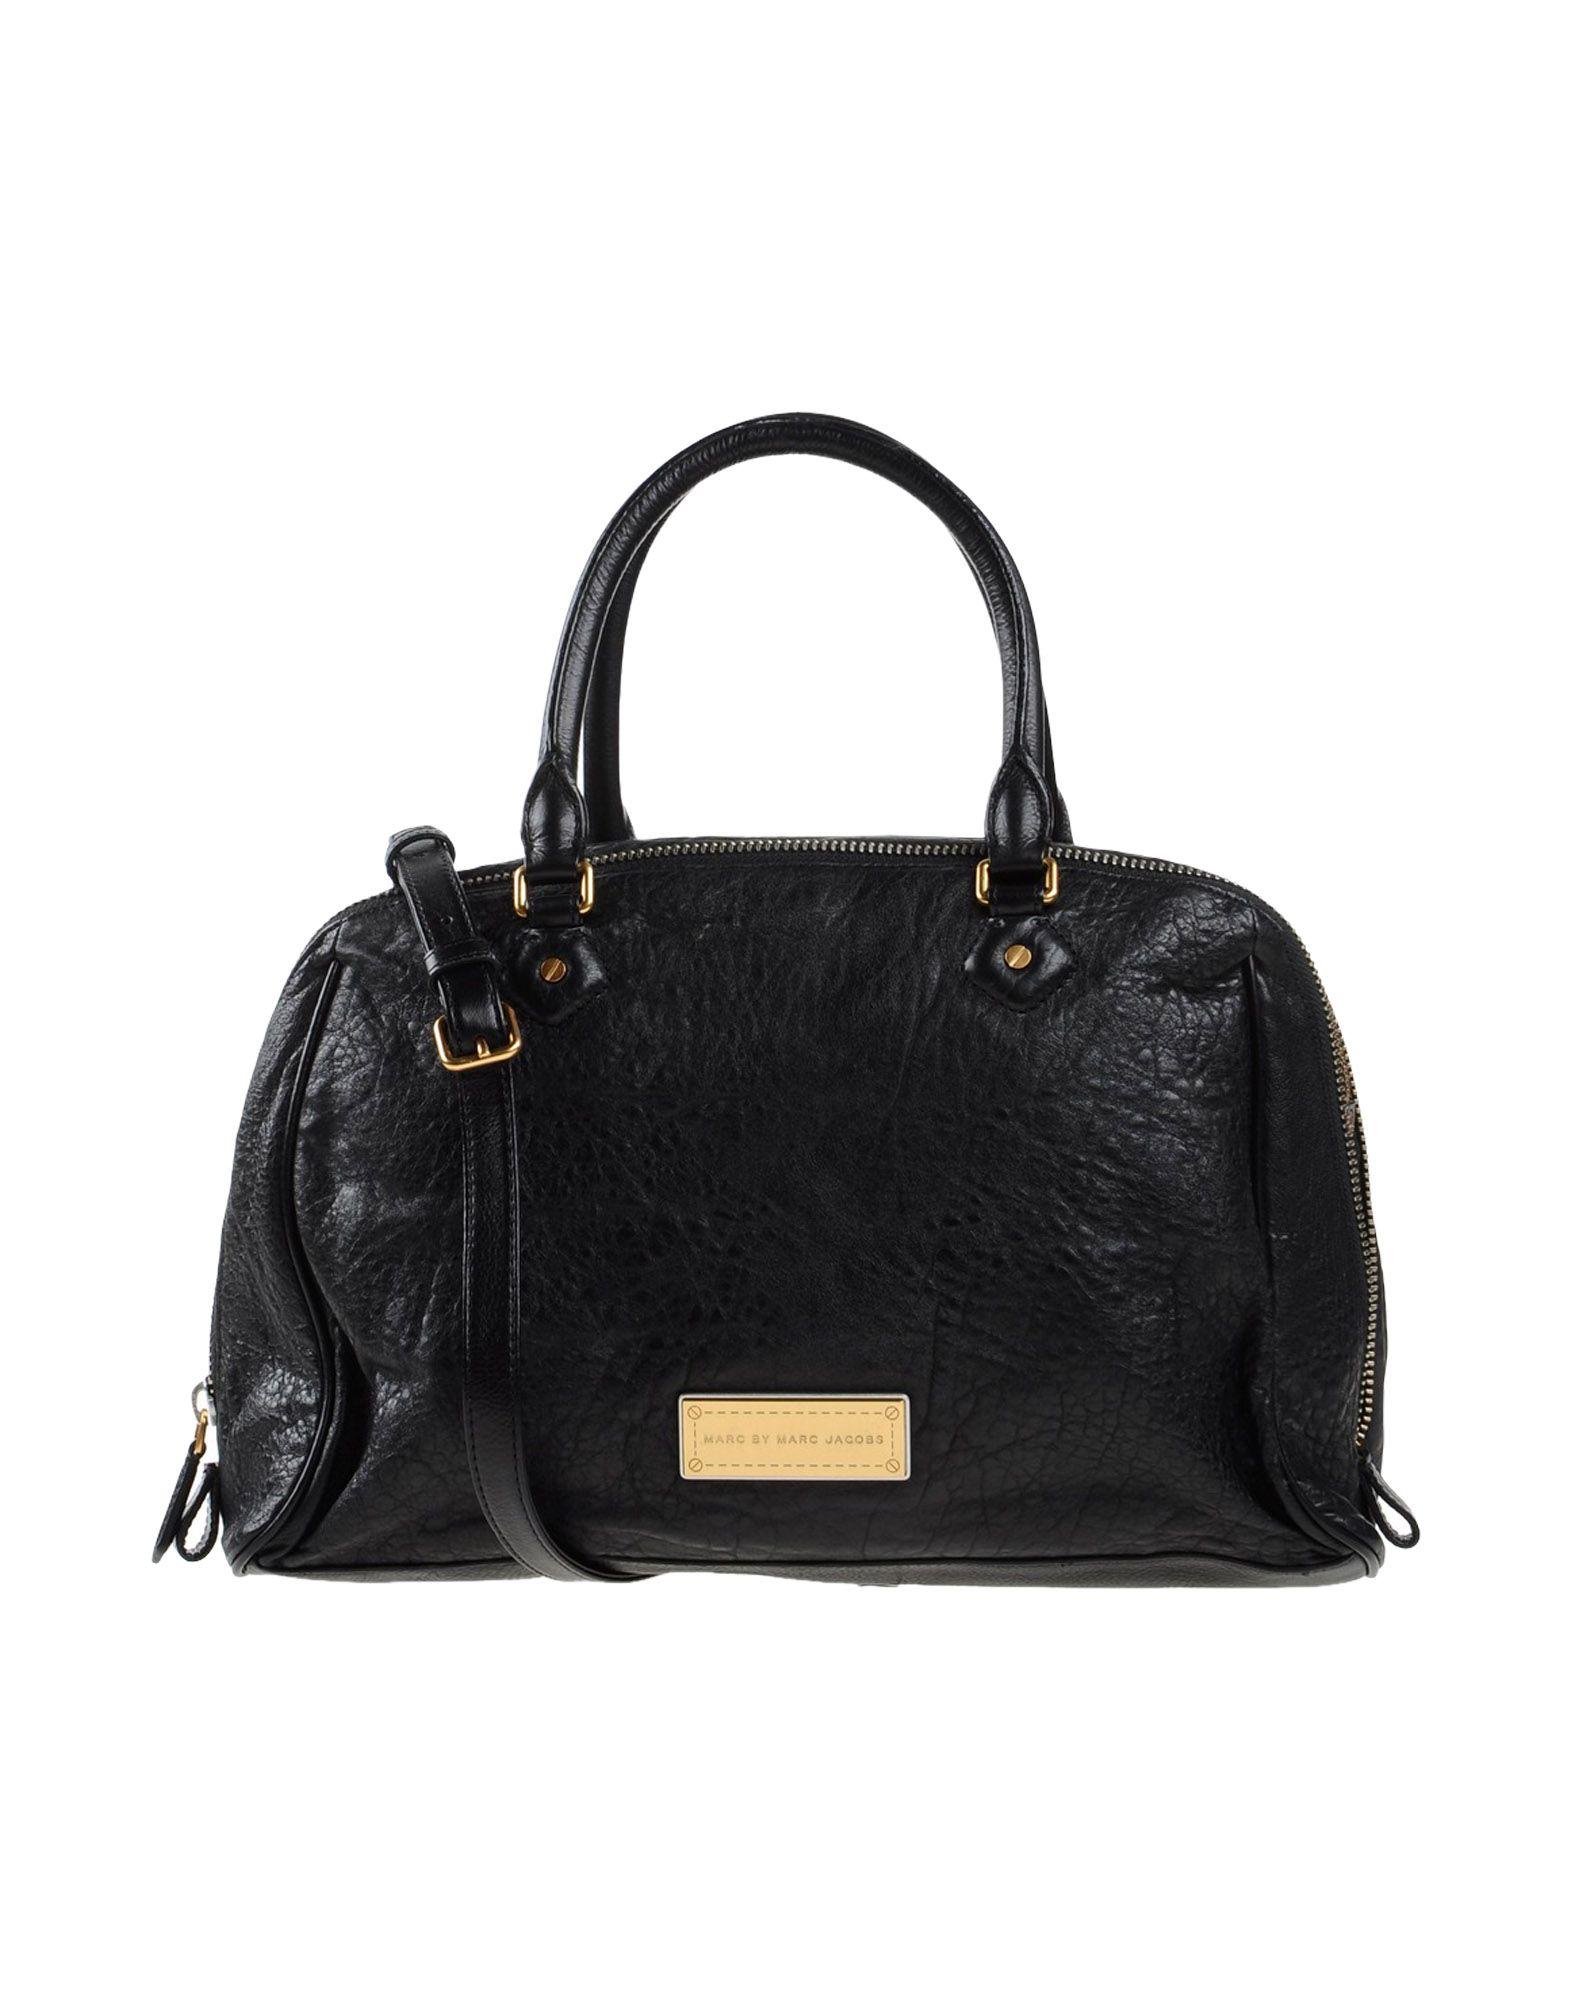 marc by marc jacobs handbag in black lyst. Black Bedroom Furniture Sets. Home Design Ideas